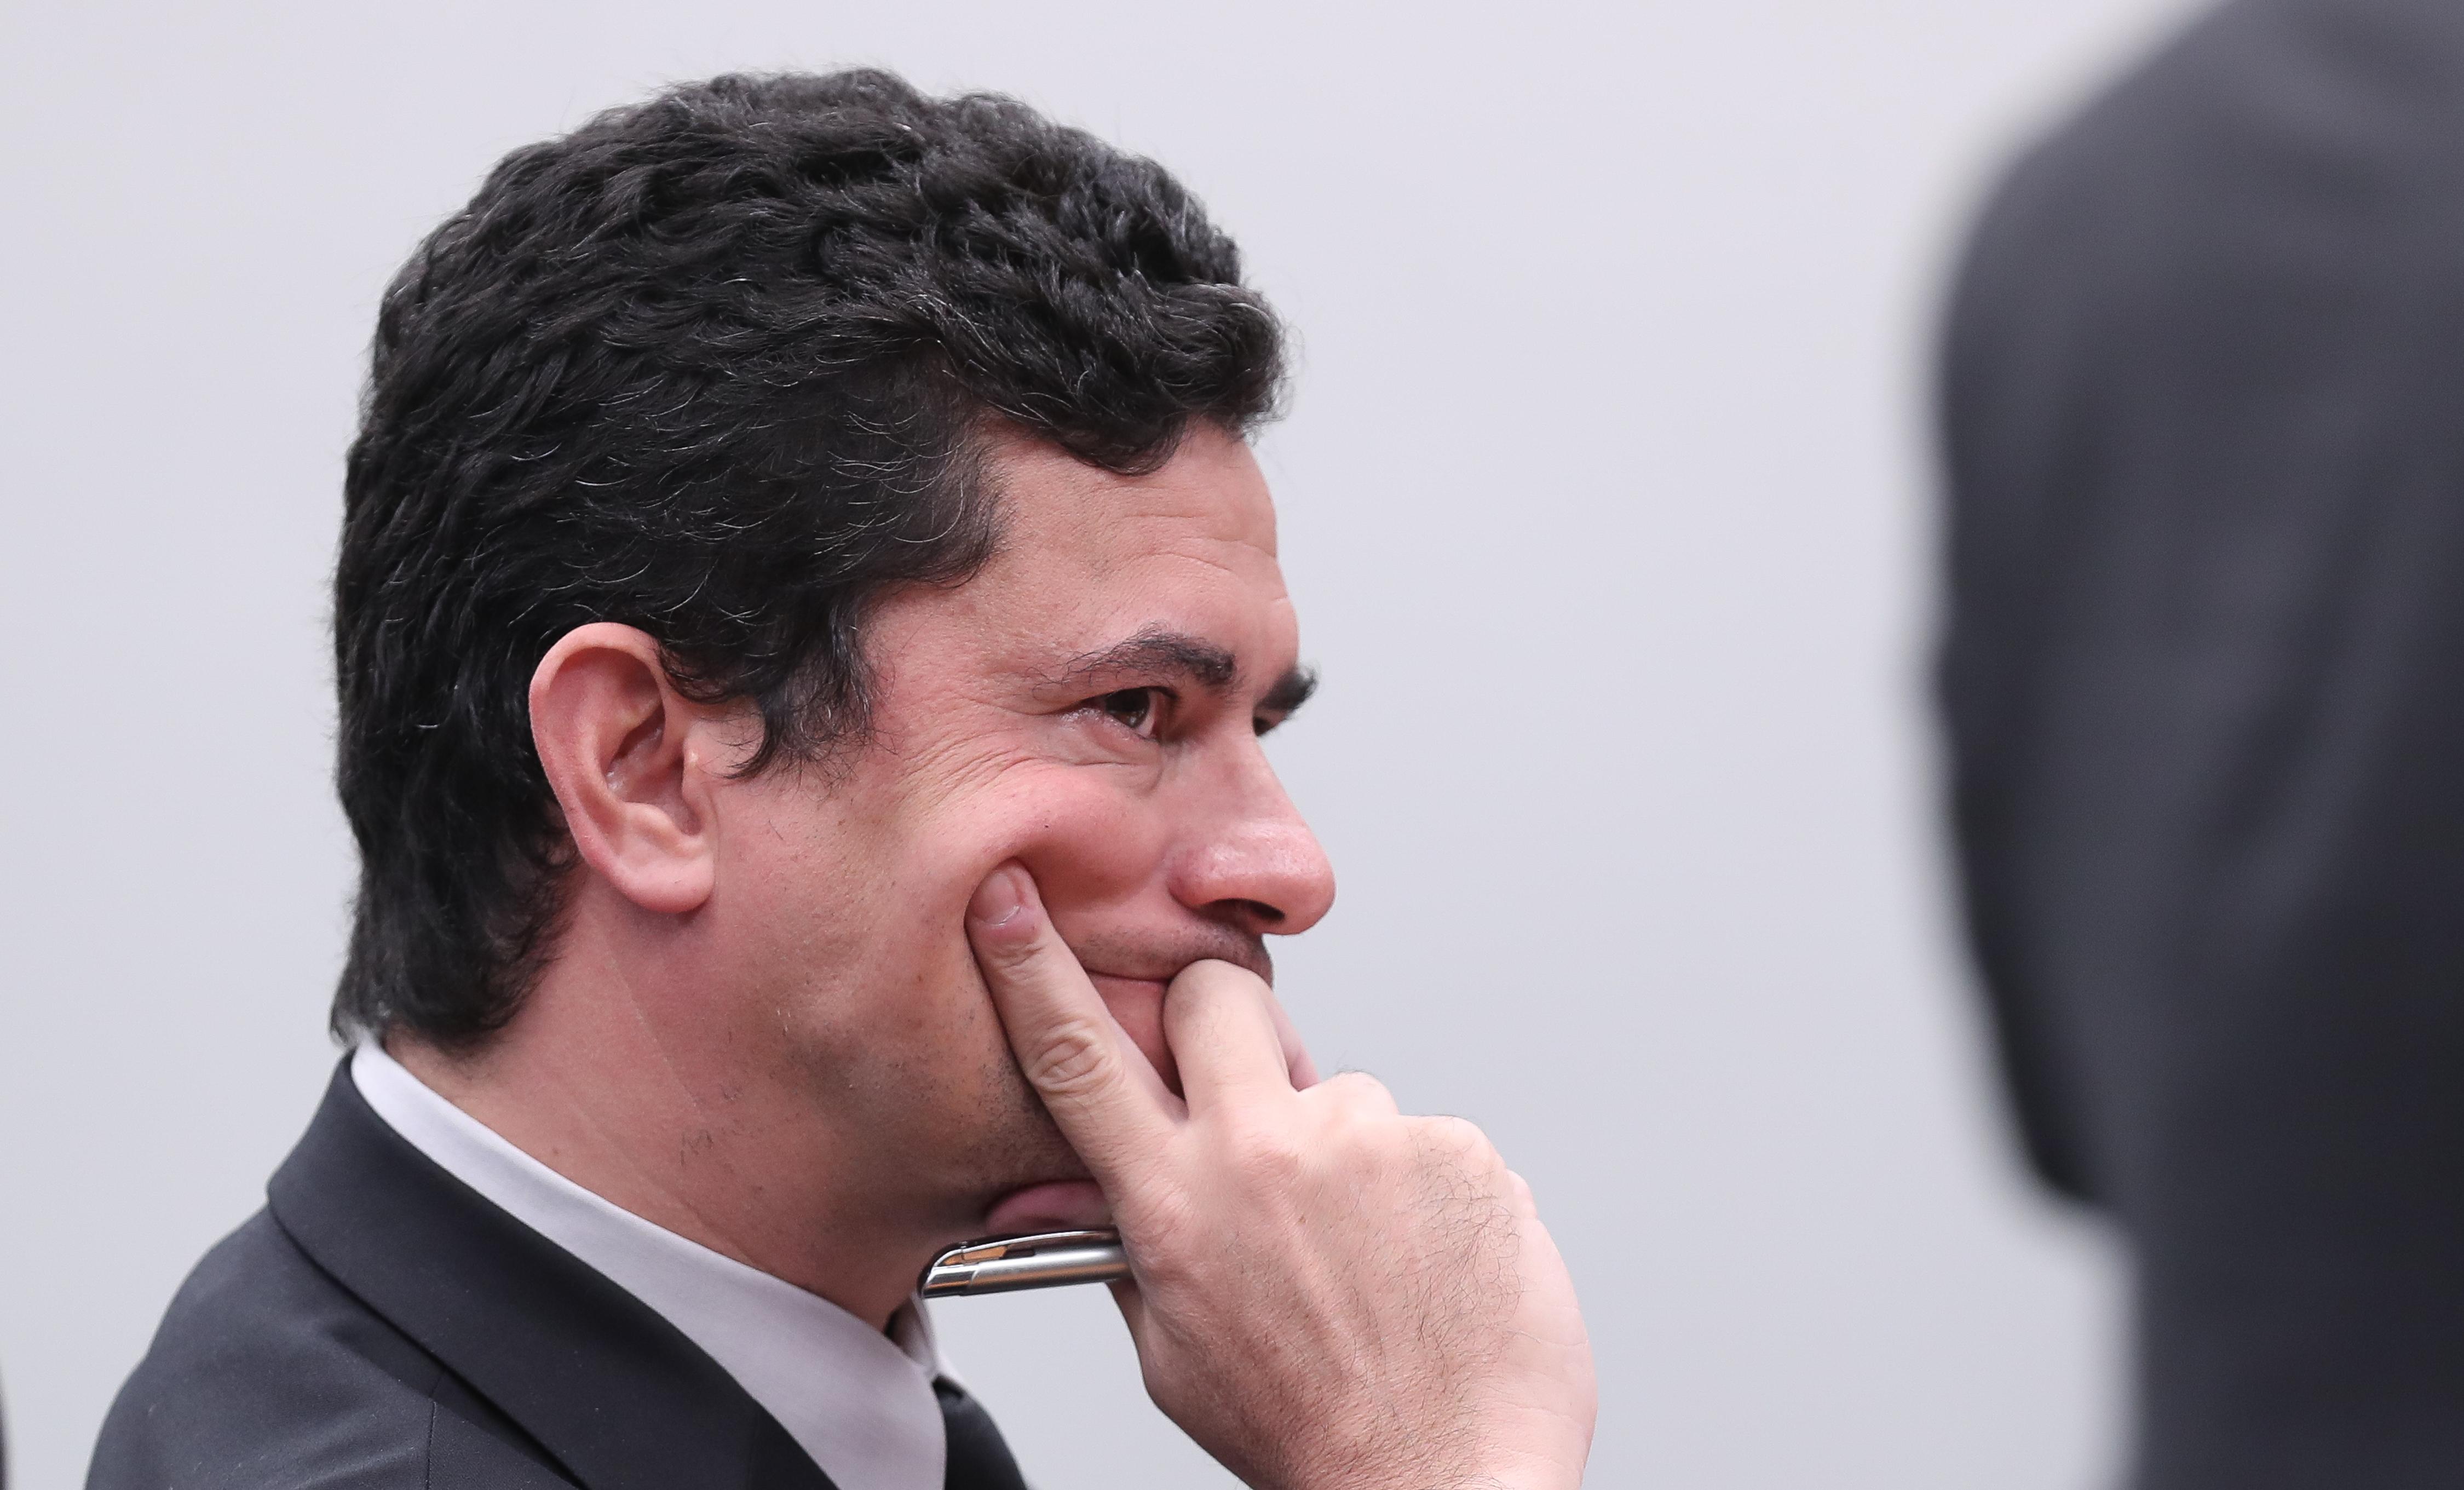 De acordo com mensagens reveladas pela Folha e o Intercept, Sérgio Moro omitiu palestra e valor recebido em prestação de contas como juiz - Créditos: Lula Marques